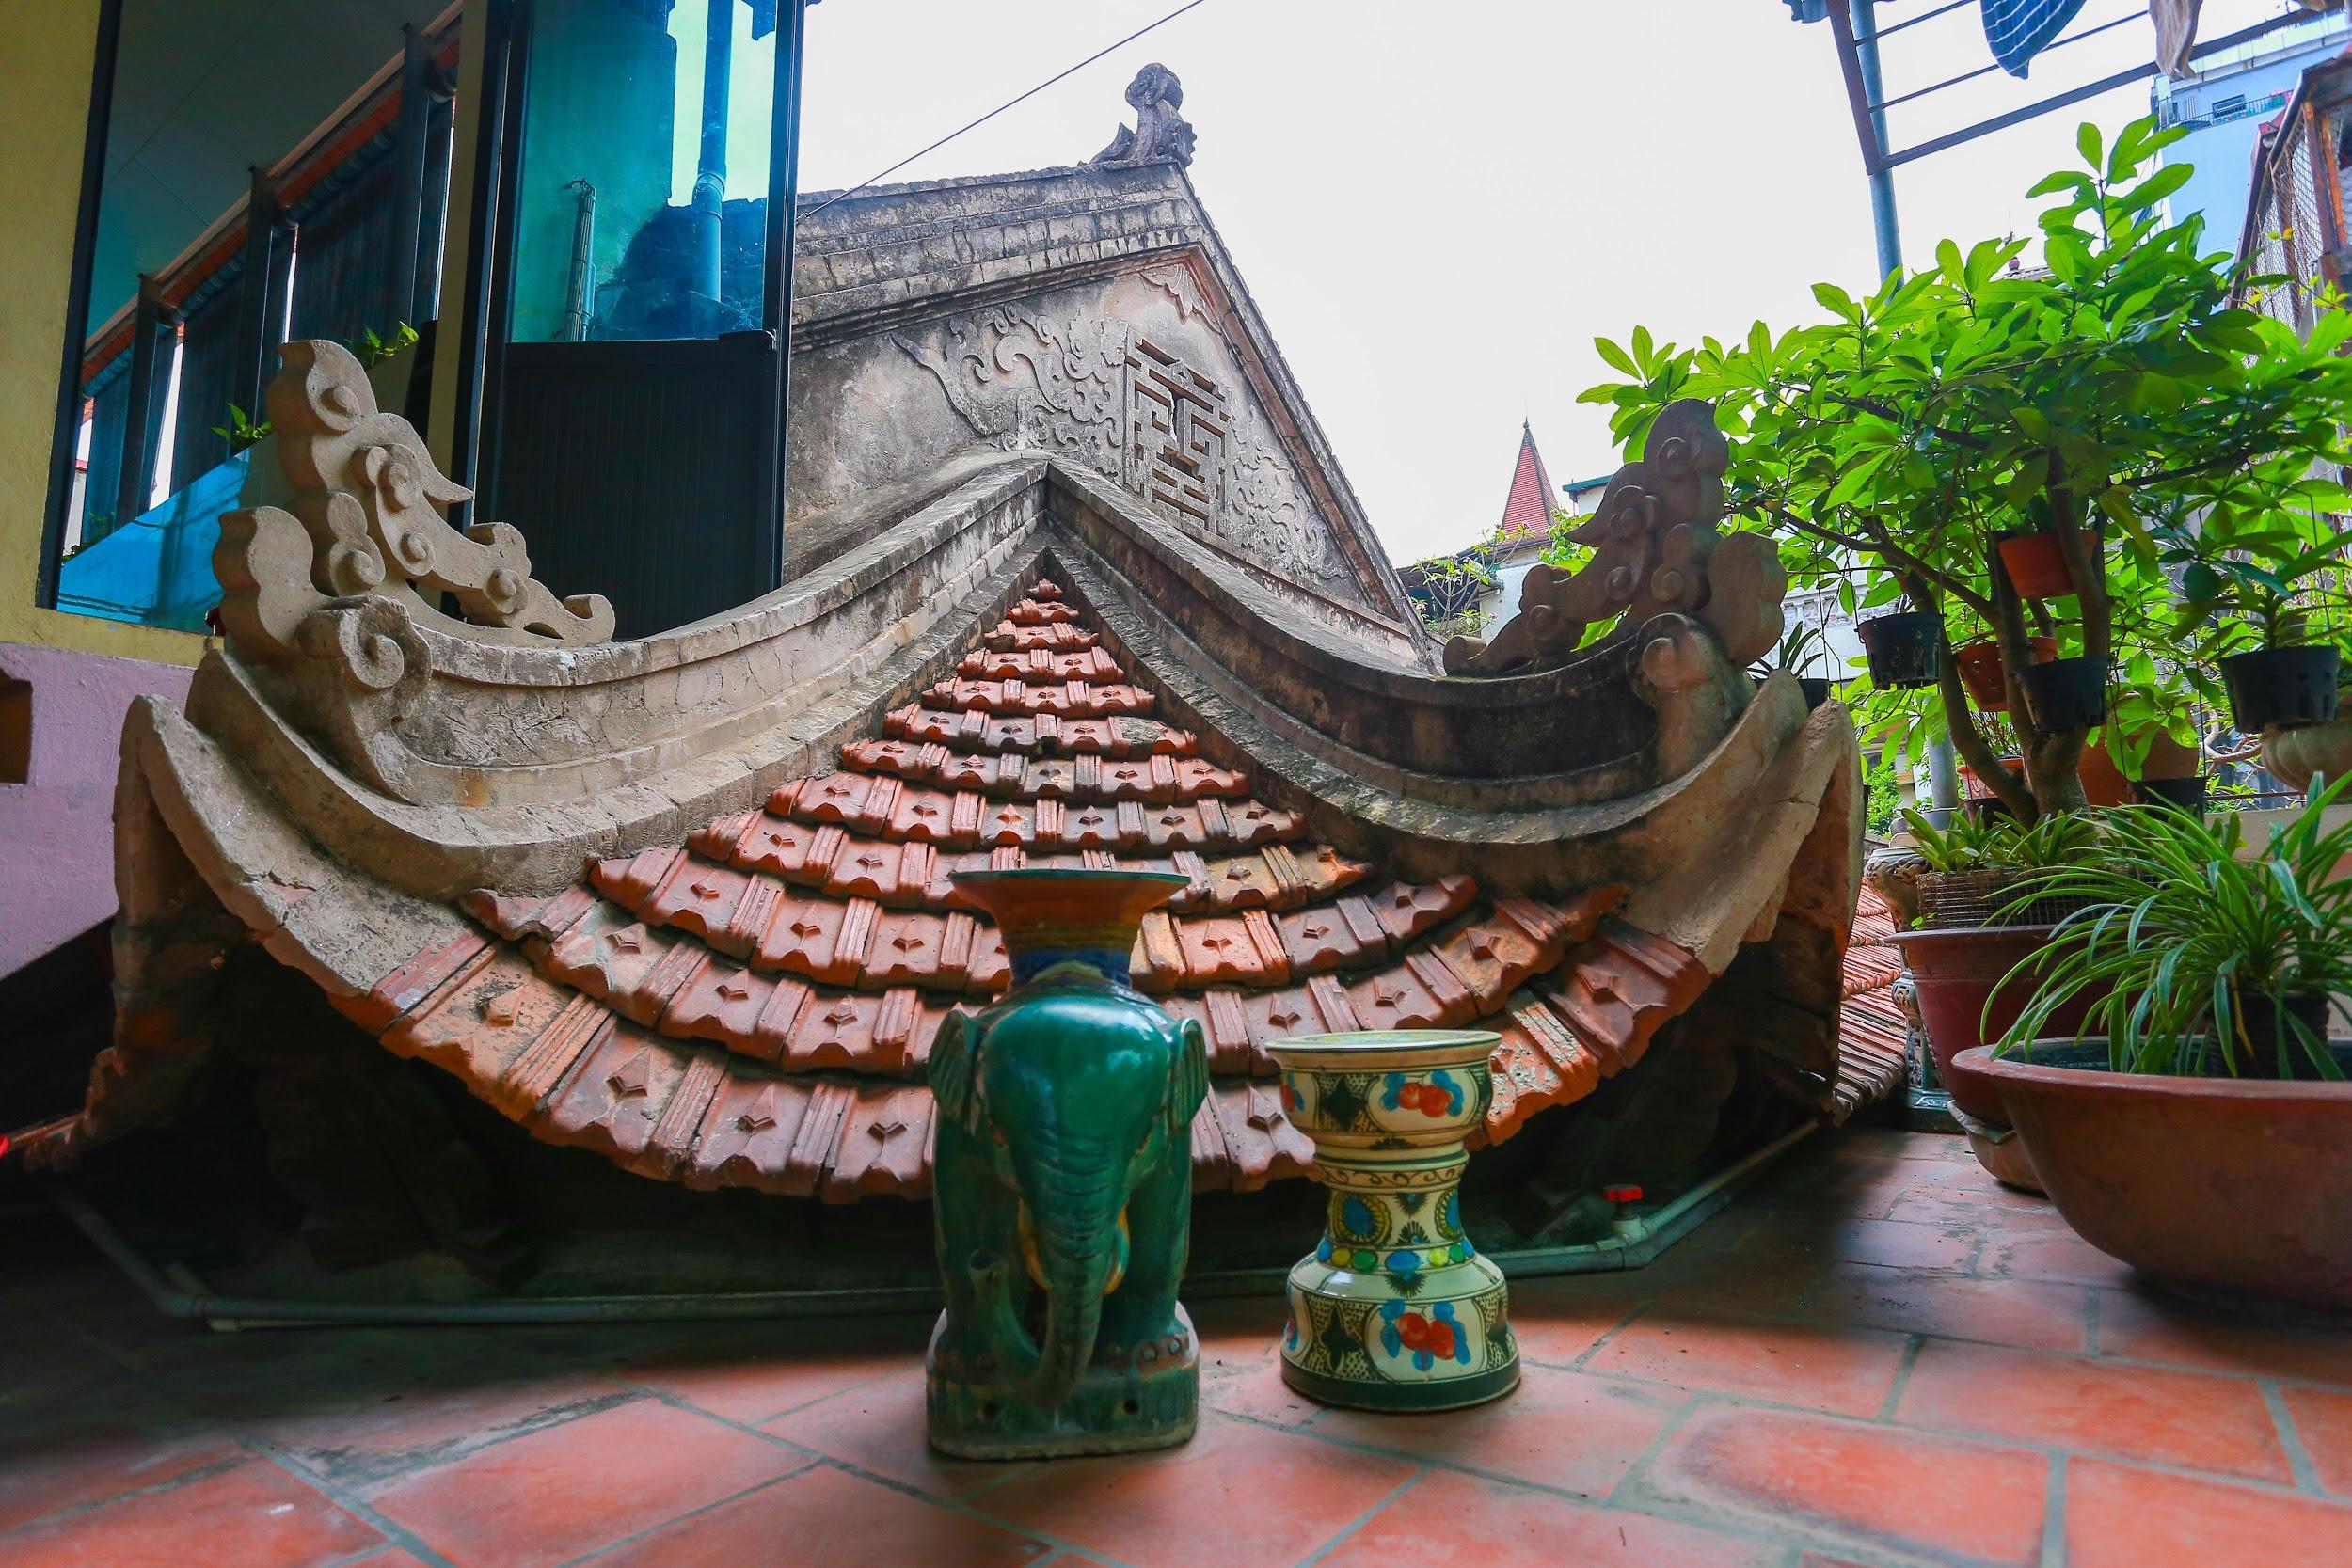 Biệt thự vườn rộng 700m2 của đại gia kim hoàn phố cổ Hà Nội một thời - 10